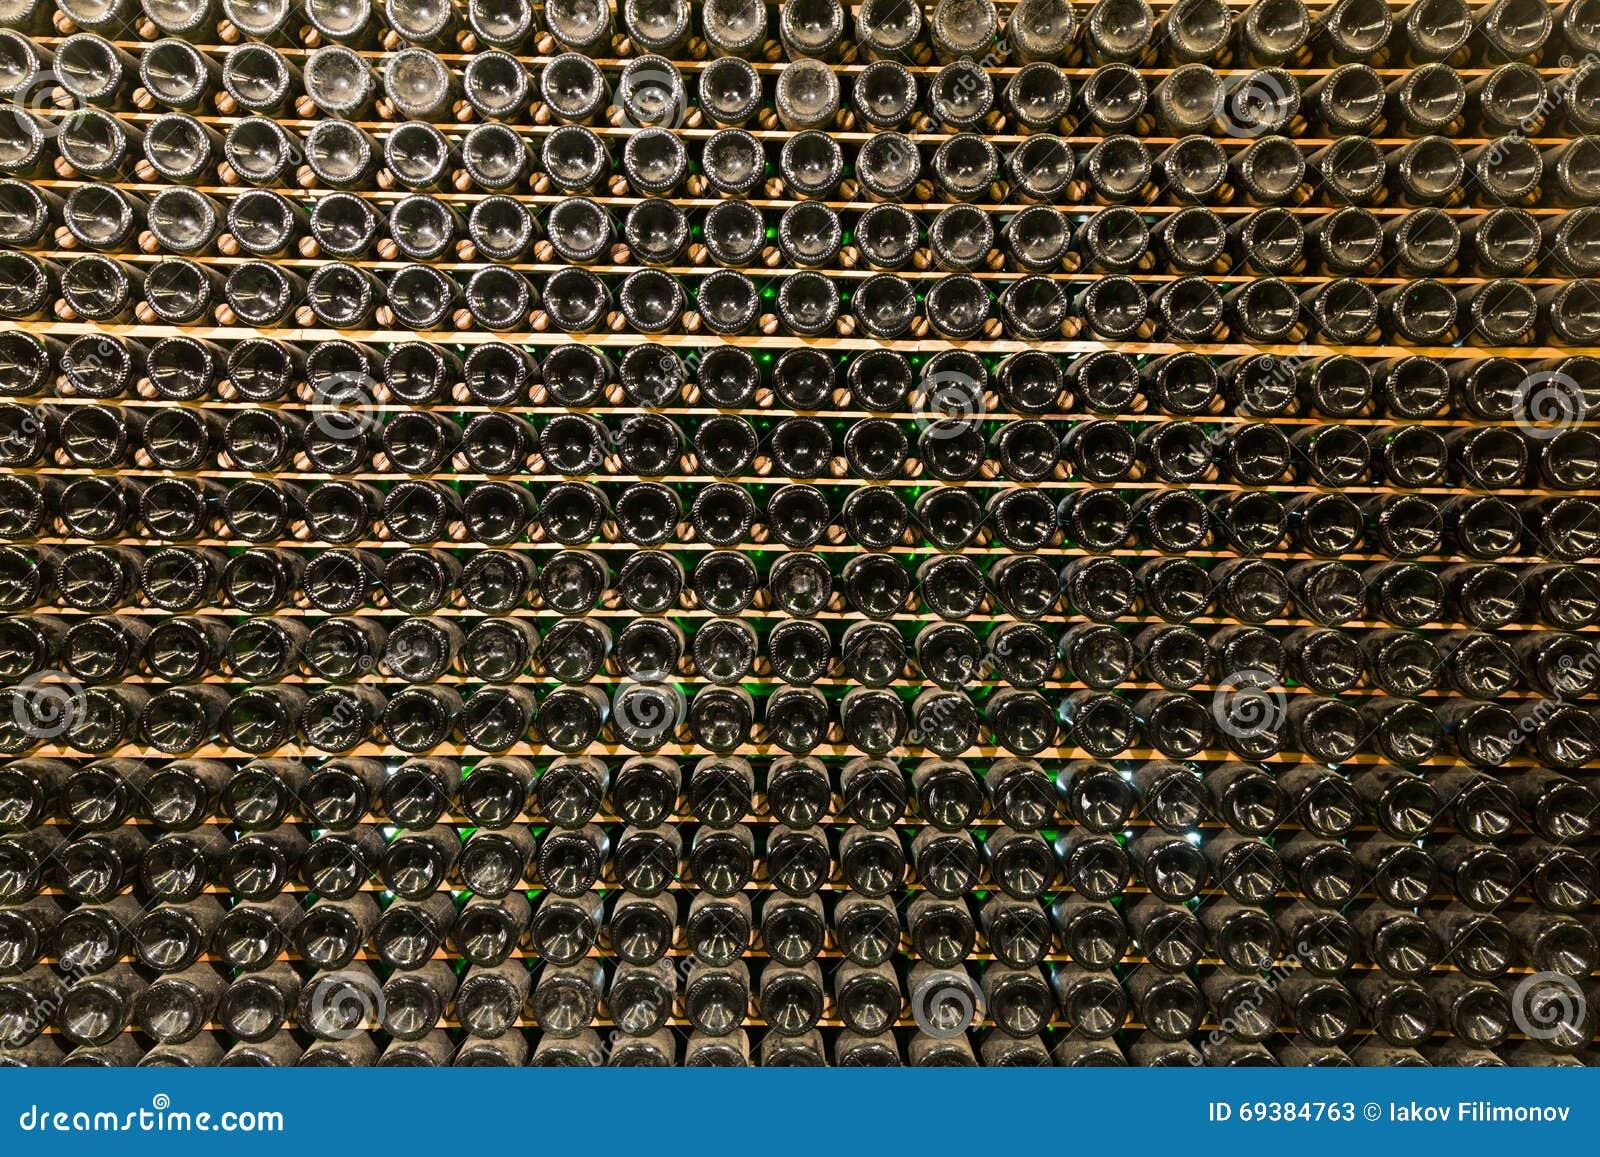 Stockage De Vin supports avec du vin en bouteille dans le stockage d'usine image